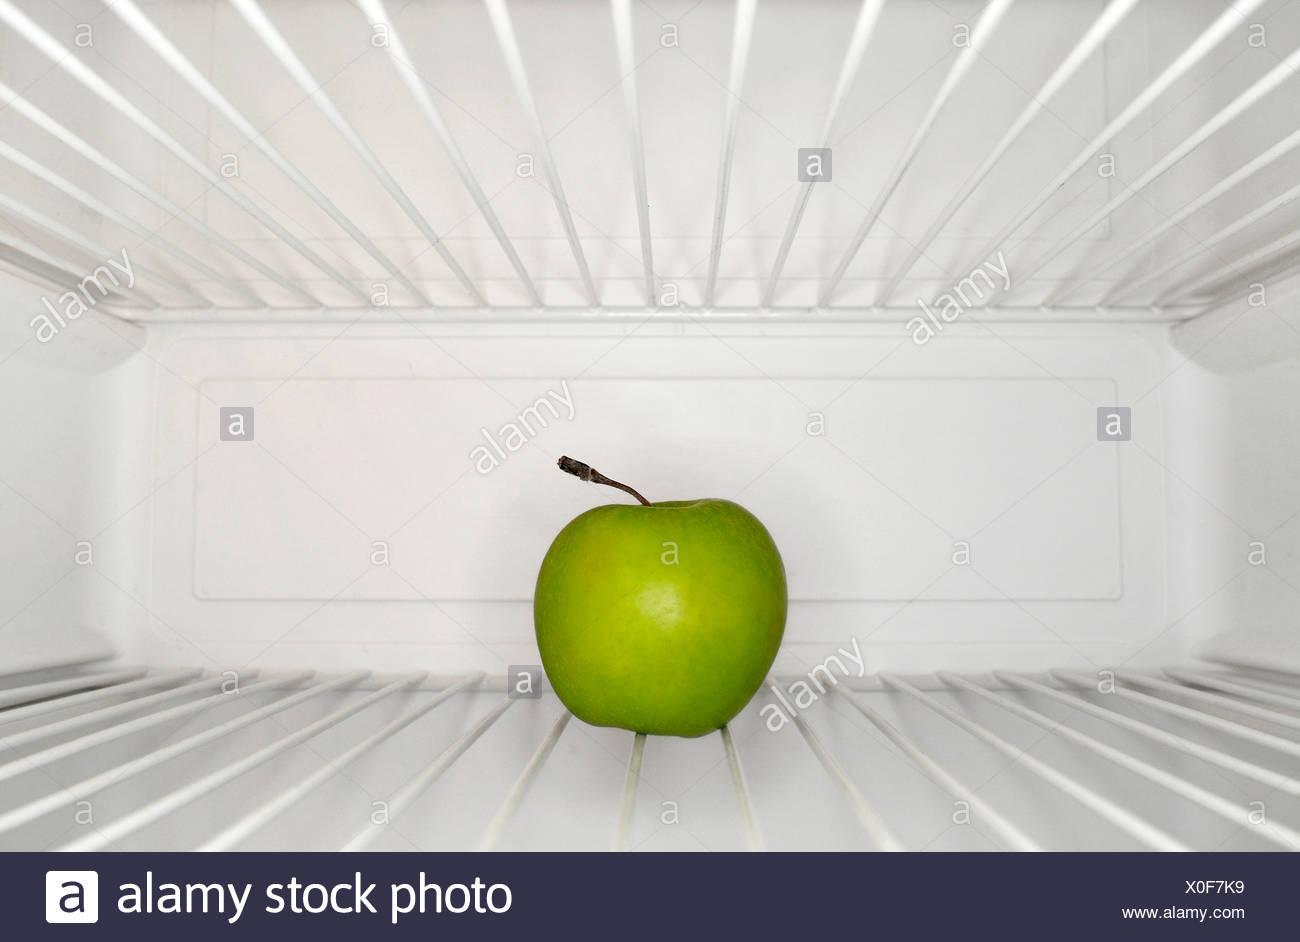 Kühlschrank Regal : Einzigen apfel auf regal im kühlschrank stockfoto bild: 275701197